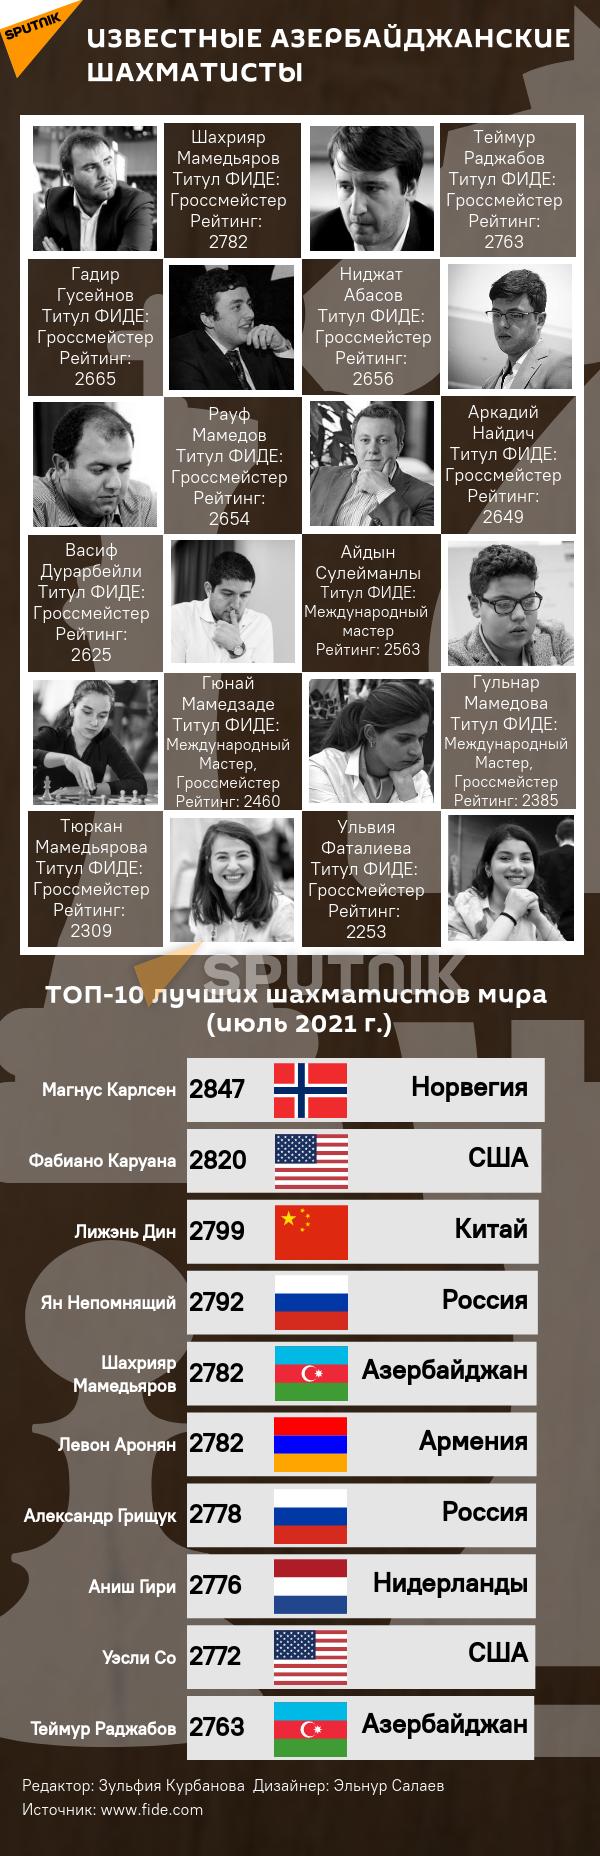 Инфографика: Известные азербайджанские шахматисты - Sputnik Азербайджан, 1920, 19.07.2021